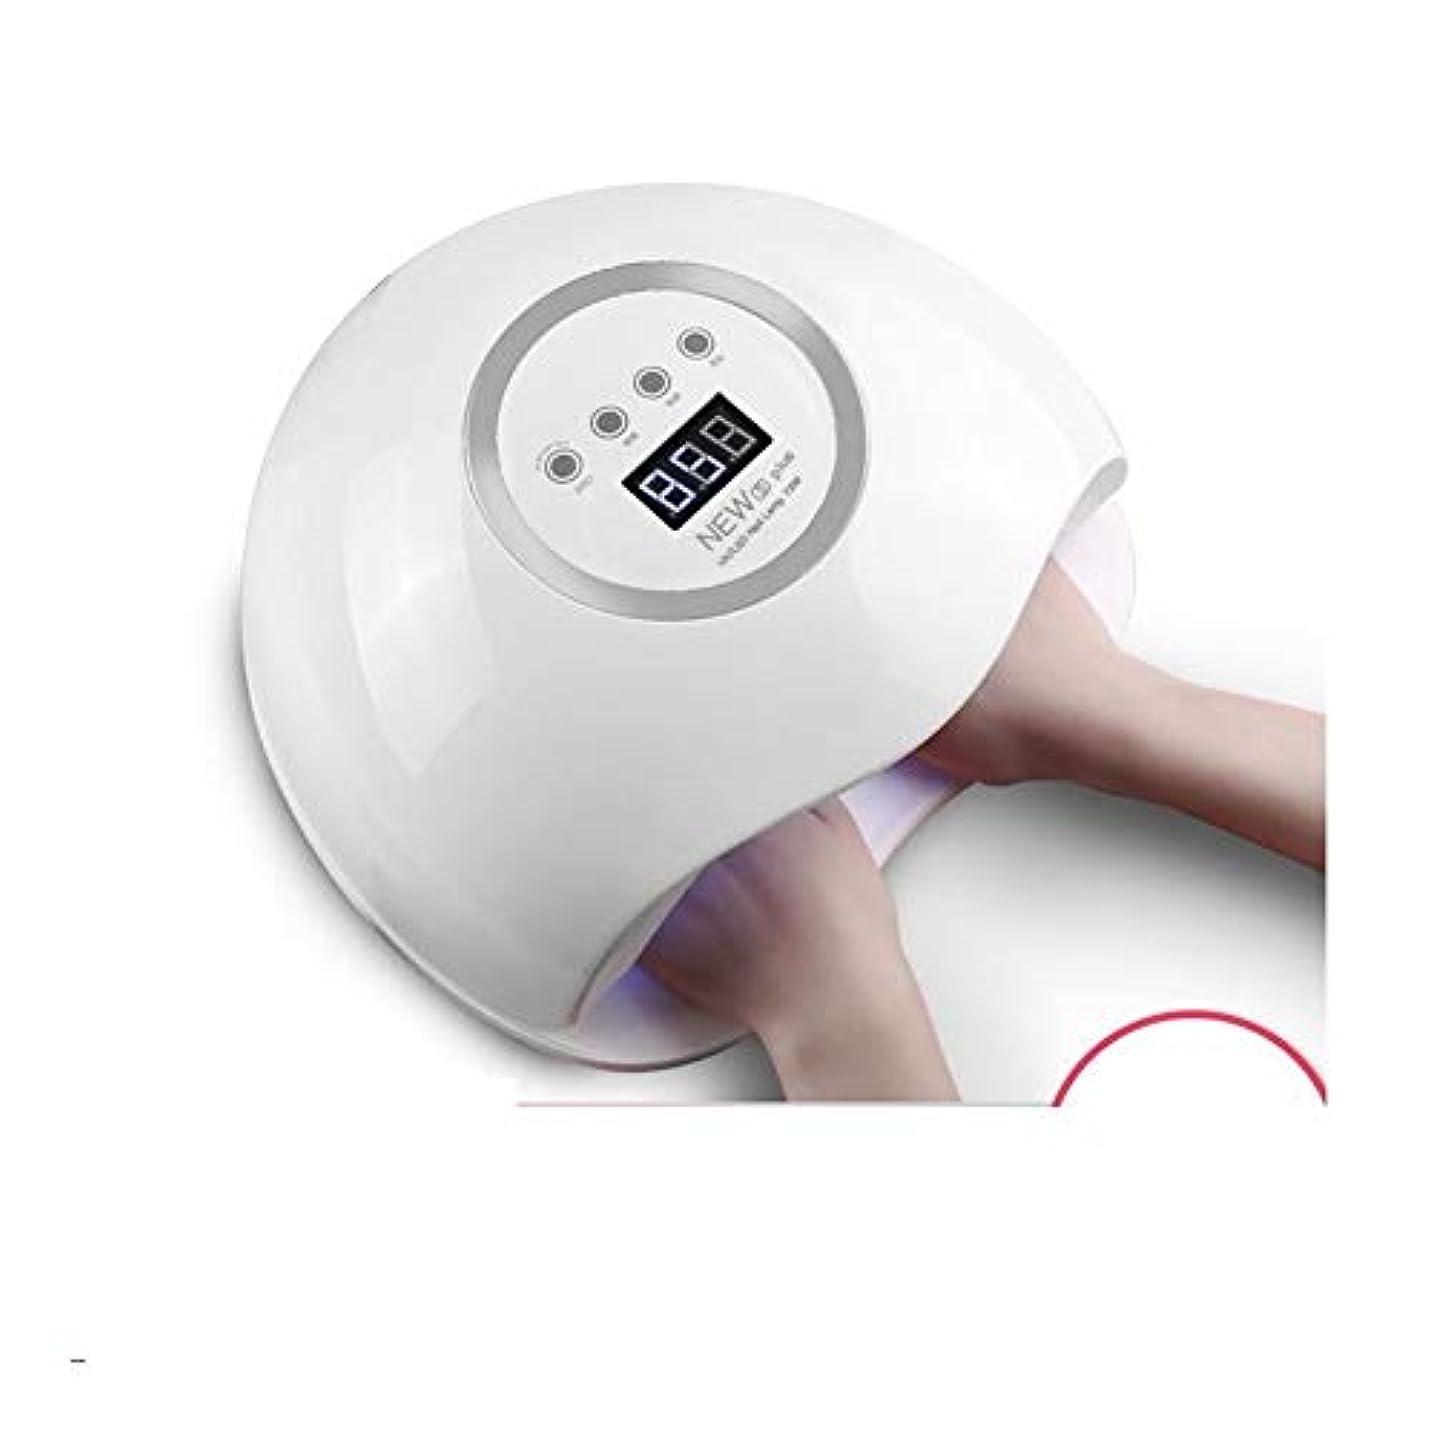 アーティファクト種をまく追い付くLittleCat 速乾性ネイルUVドライヤーの熱ランプLEDネイル無痛インテリジェントセンサー太陽灯 (色 : American standard flat plug)